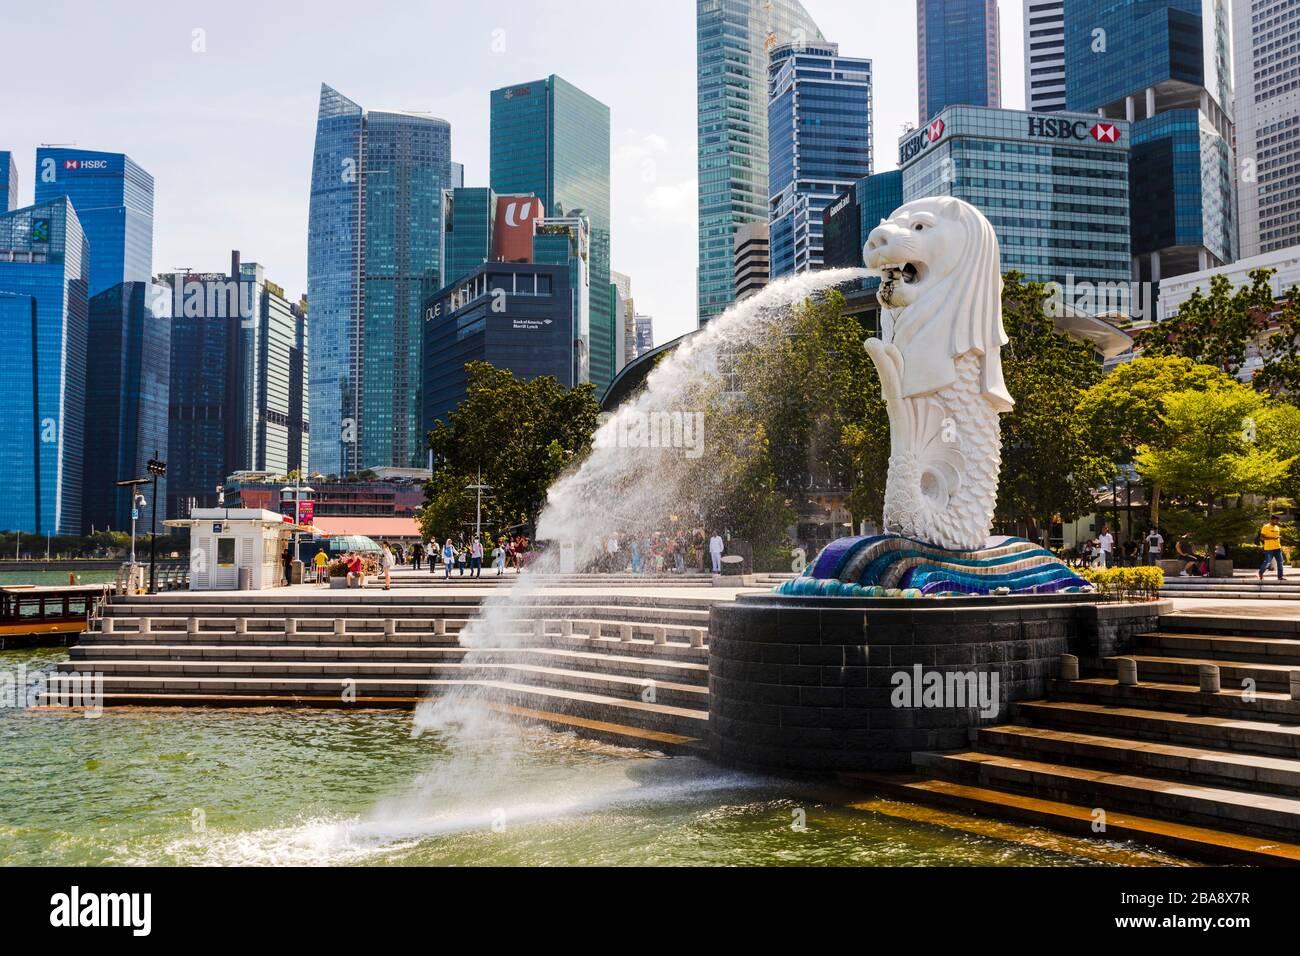 Statue de Merlion, Marina Bay, Singapour Banque D'Images